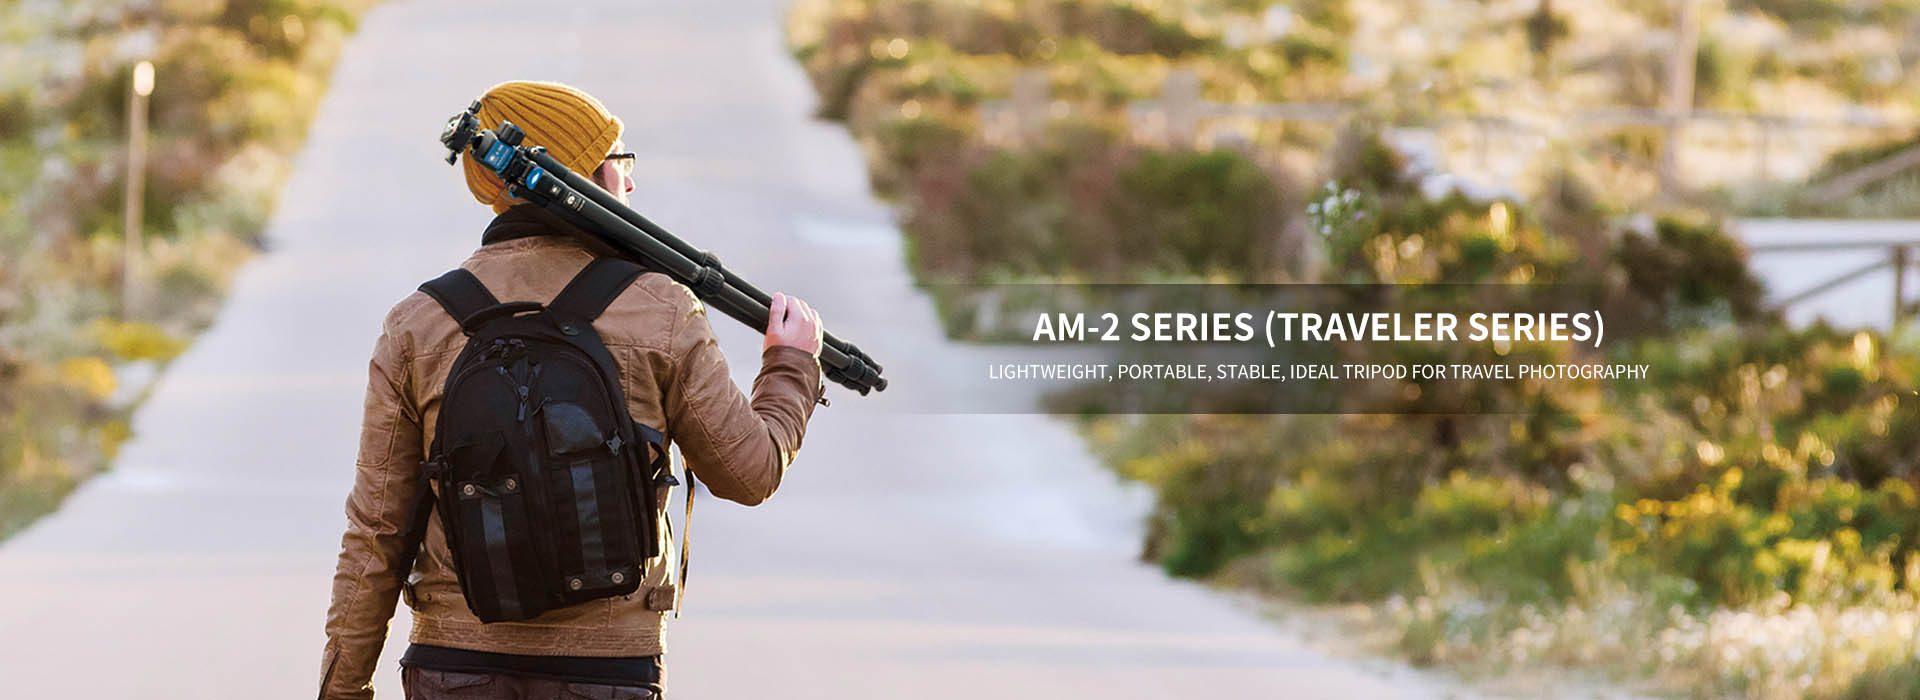 AM2-seriesx1920